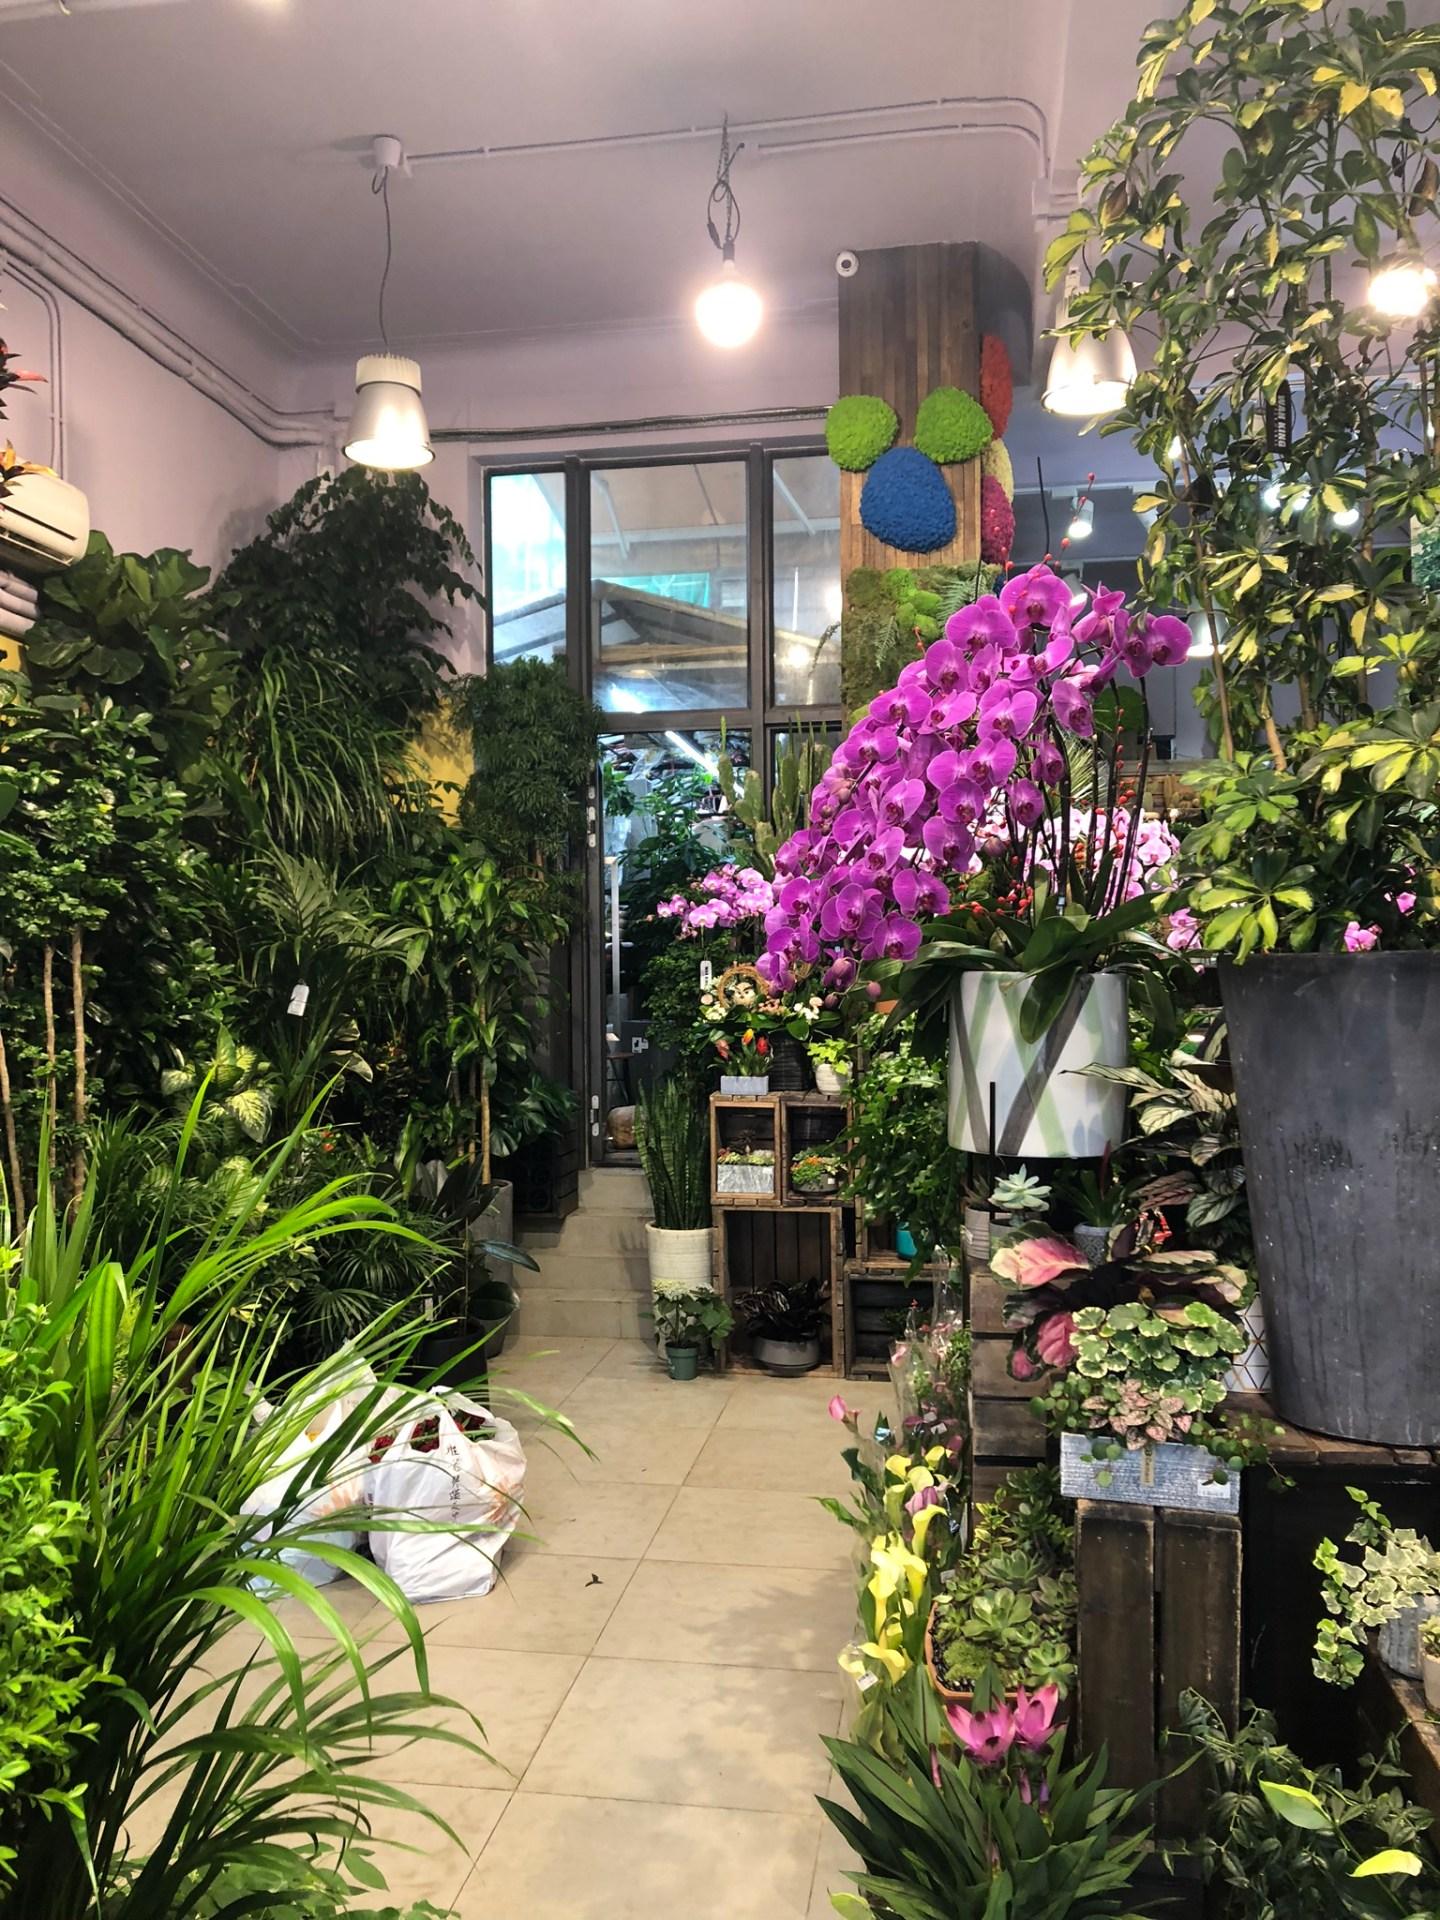 Greenery at Hong Kong Flower Market